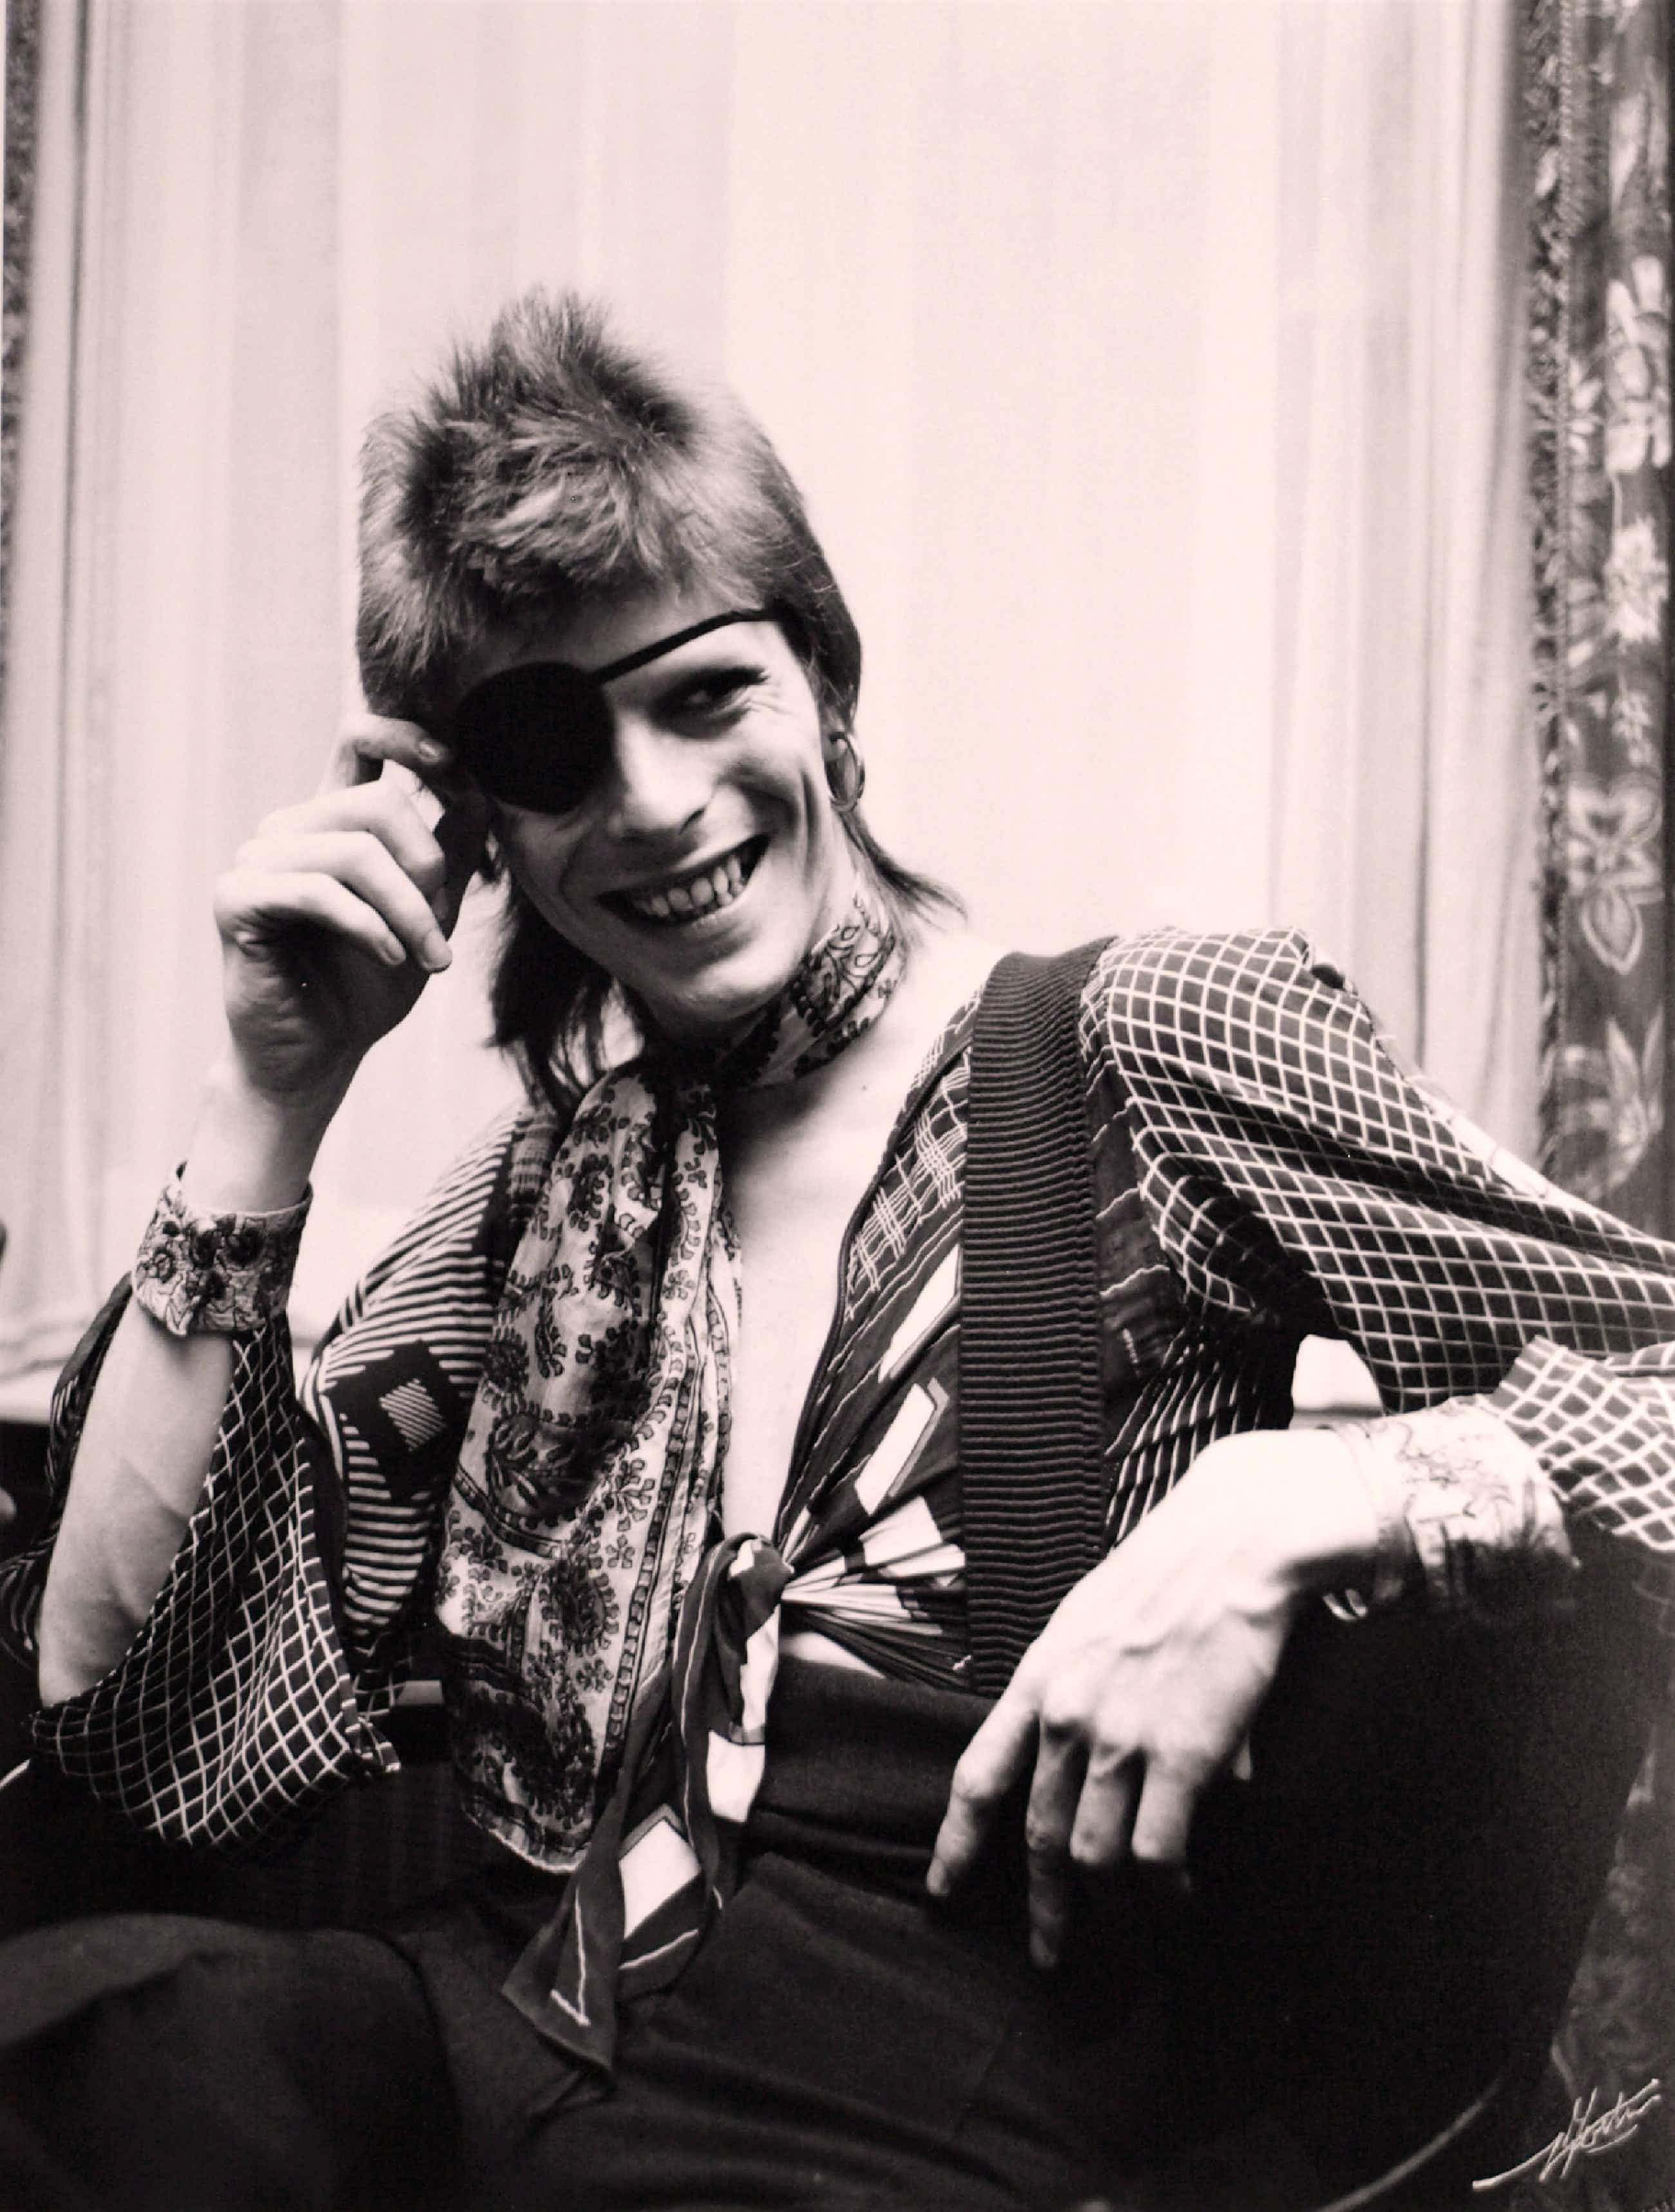 Nico Koster - Ingelijste foto van David Bowie in het Amstel Hotel Amsterdam 1973 kopen? Bied vanaf 195!